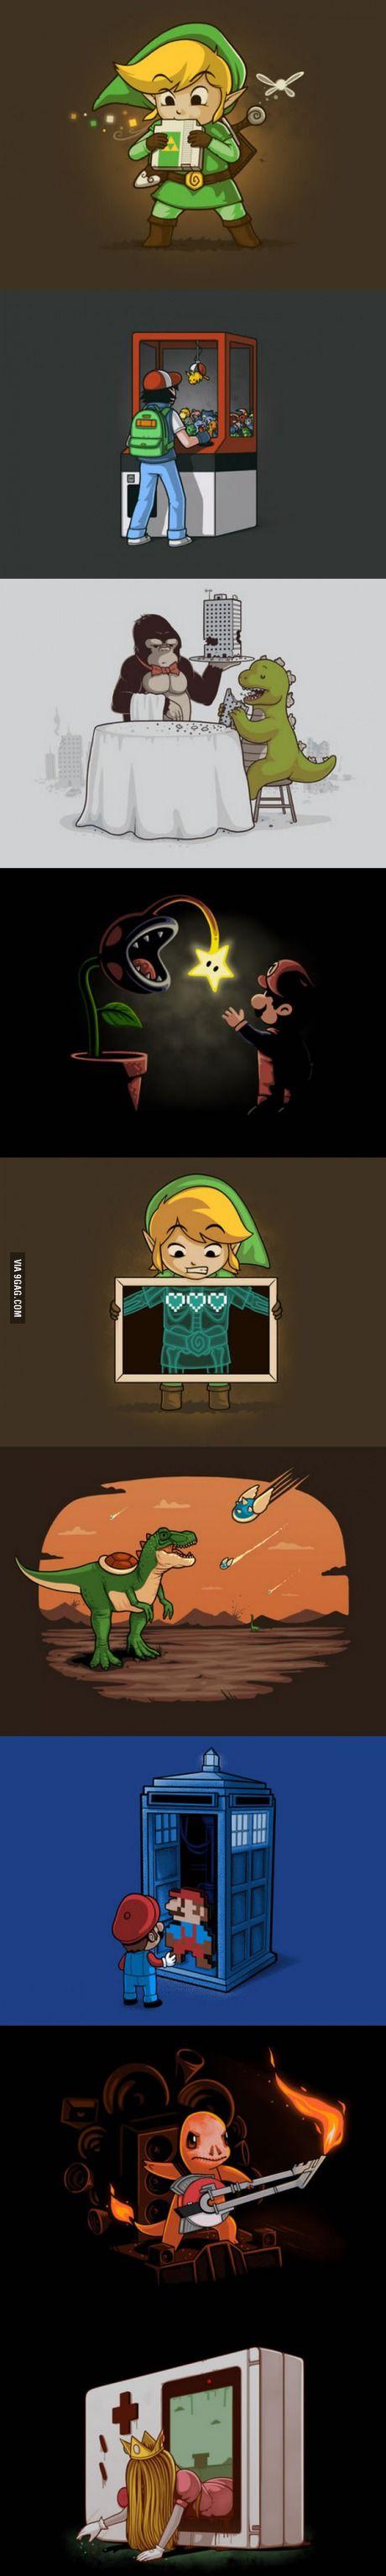 tout les persos connues des jeux vidéos nintendo.